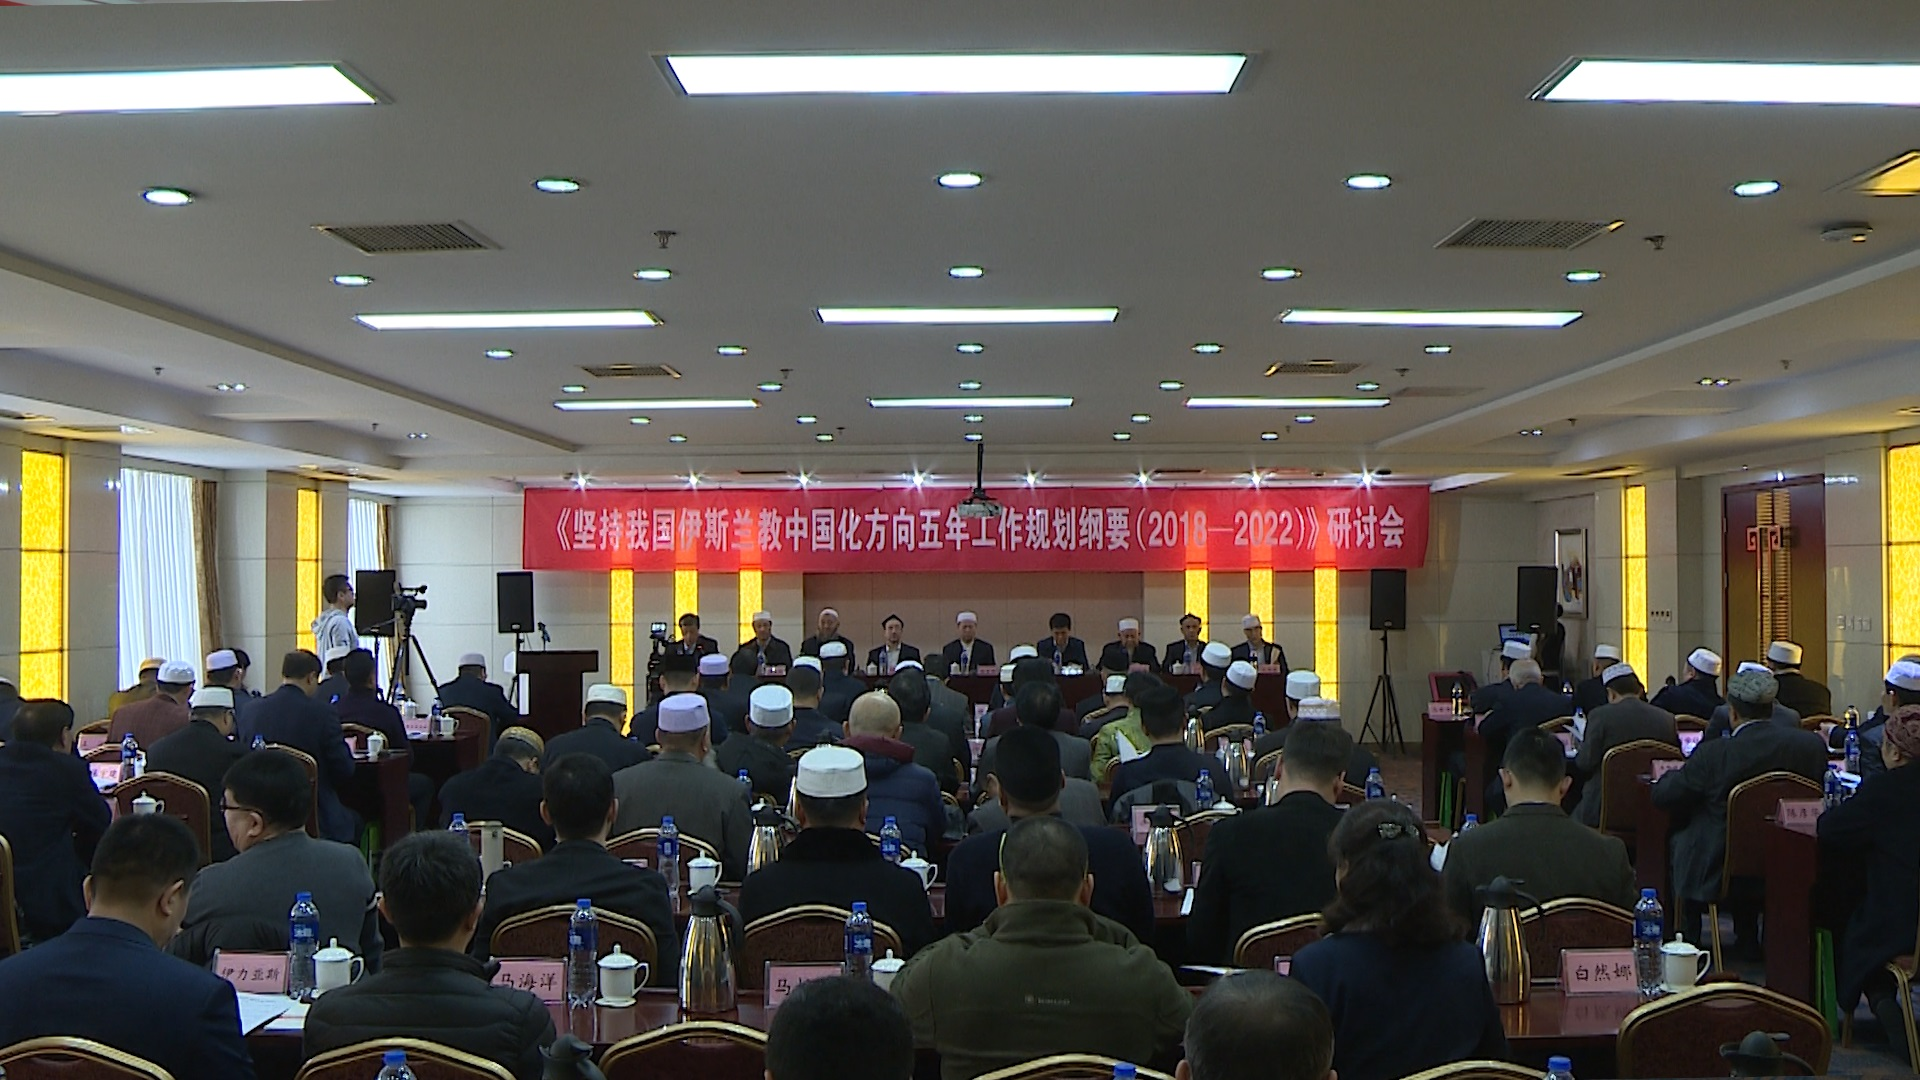 中国伊协召开《坚持我国伊斯兰教中国化方向五年工作规划纲要》研讨会